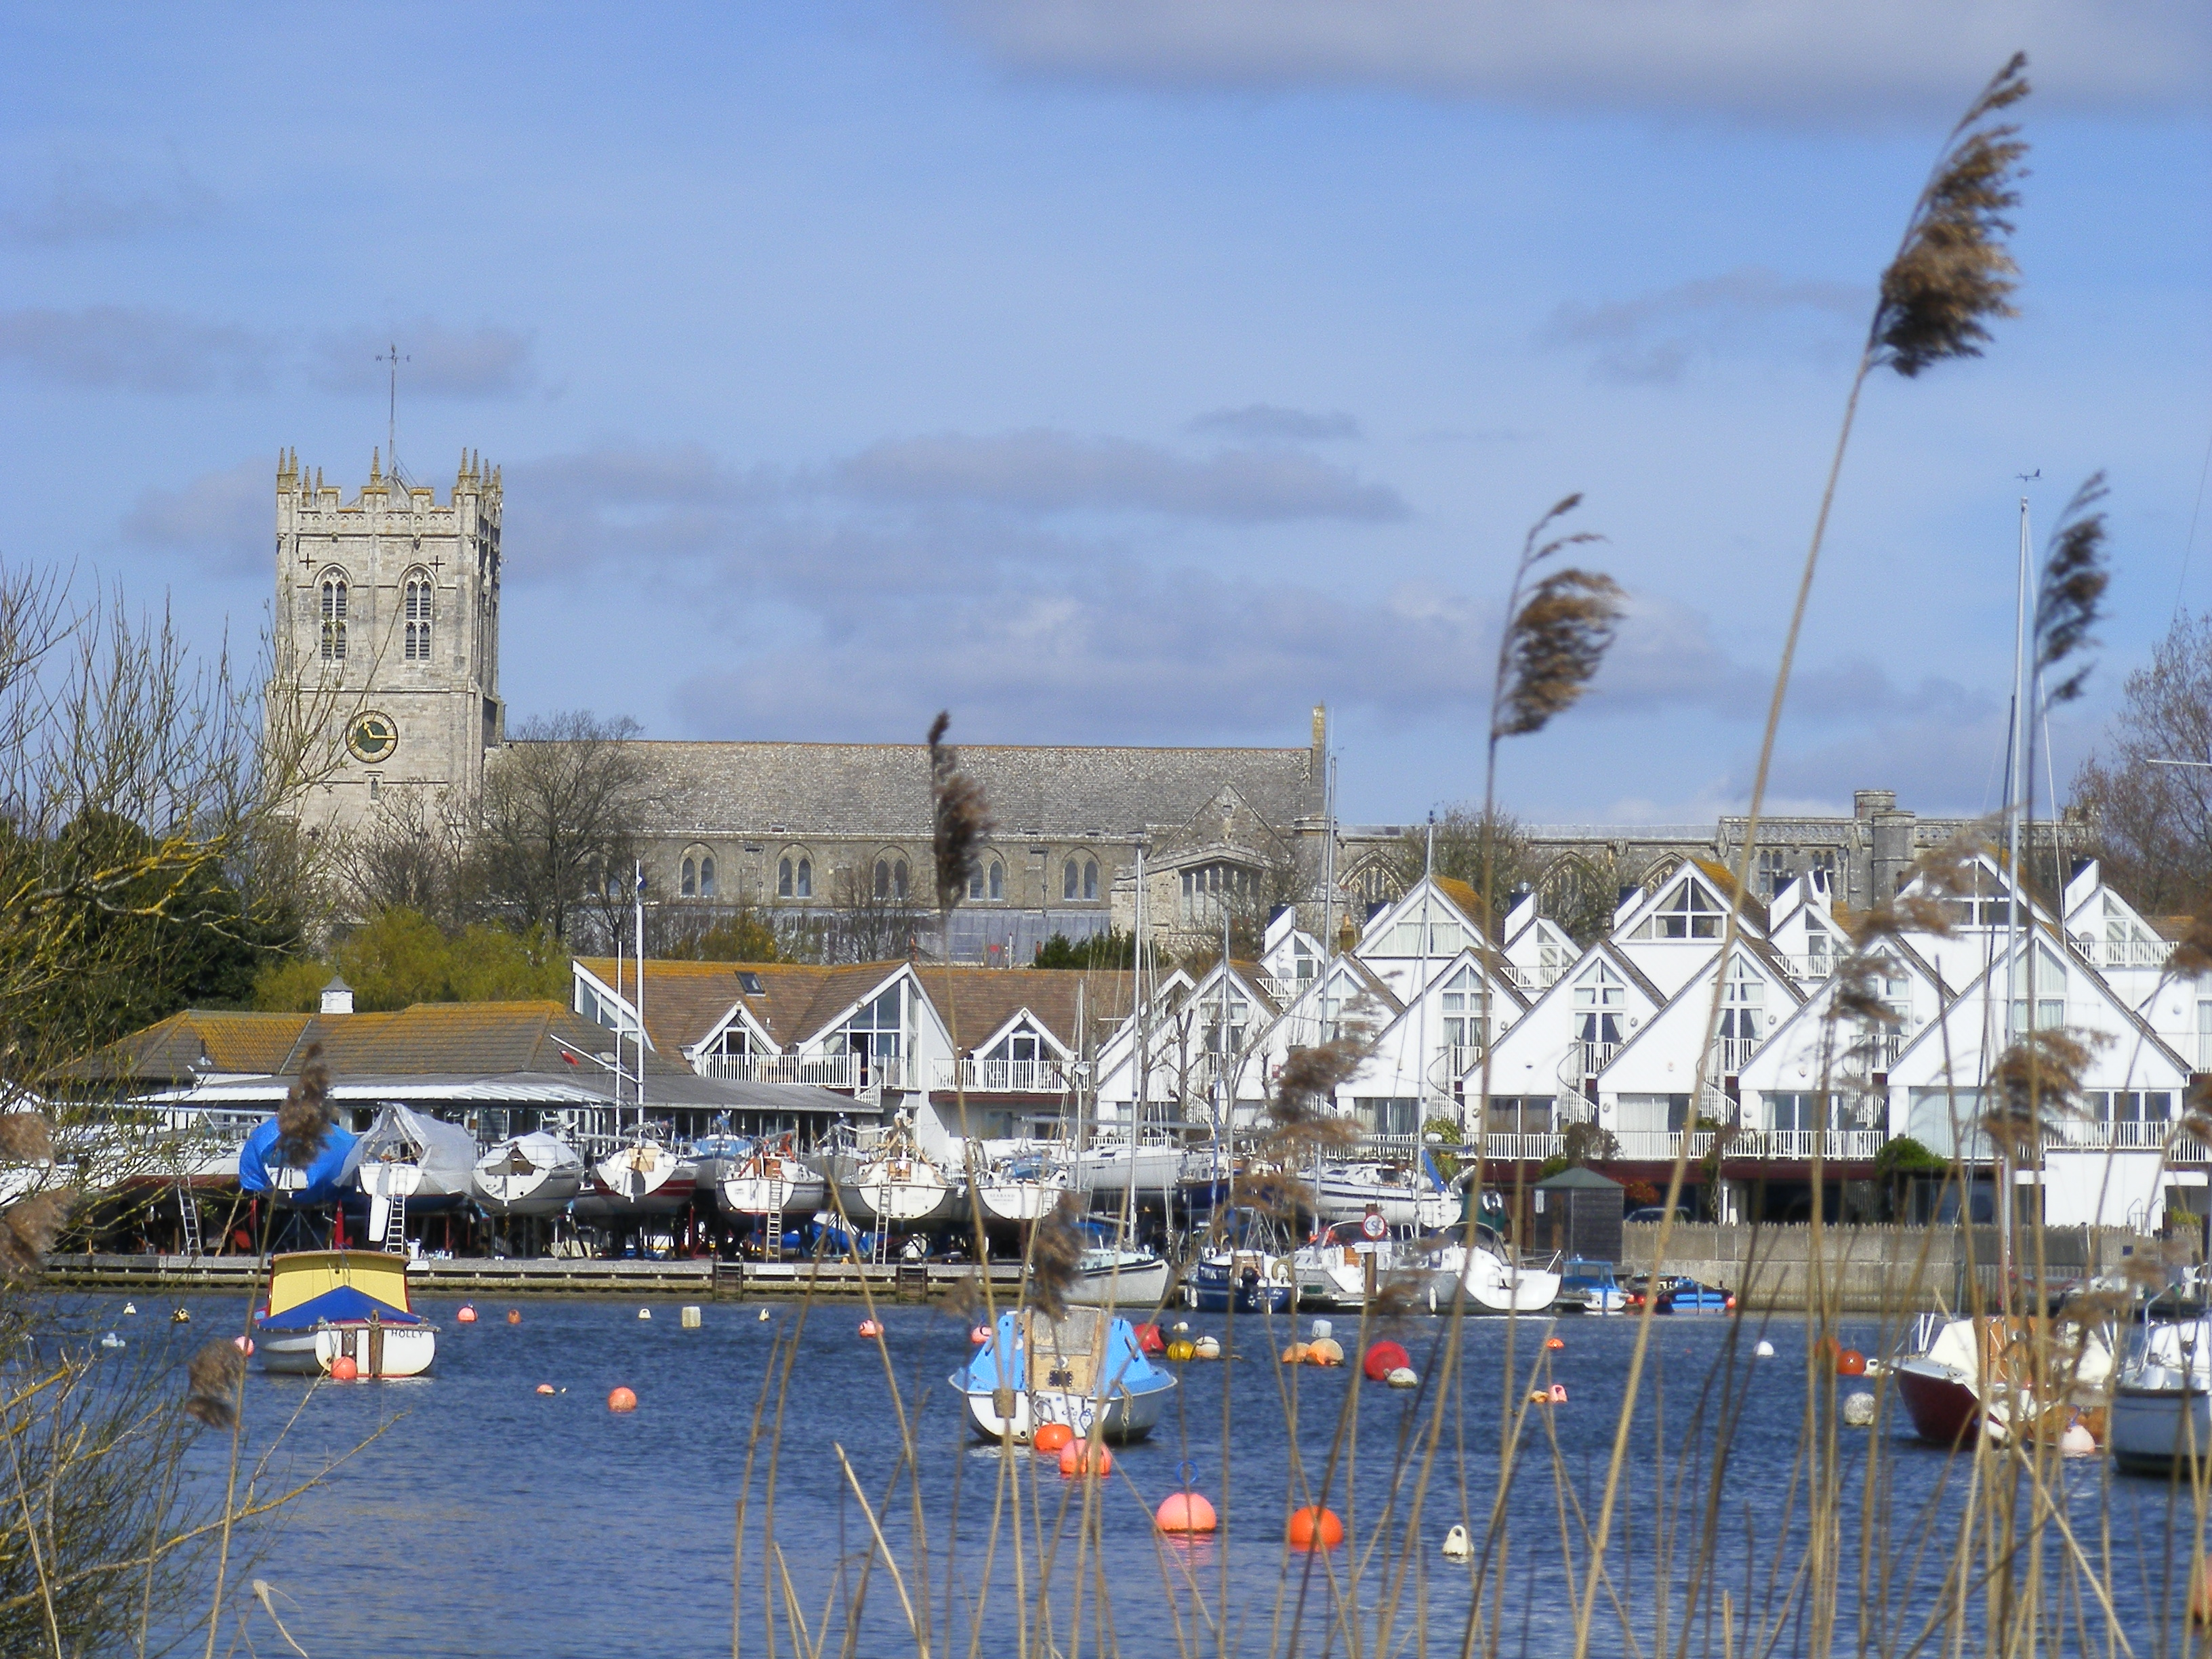 Christchurch Wikipedia: File:Christchurch Dorset 08.jpg